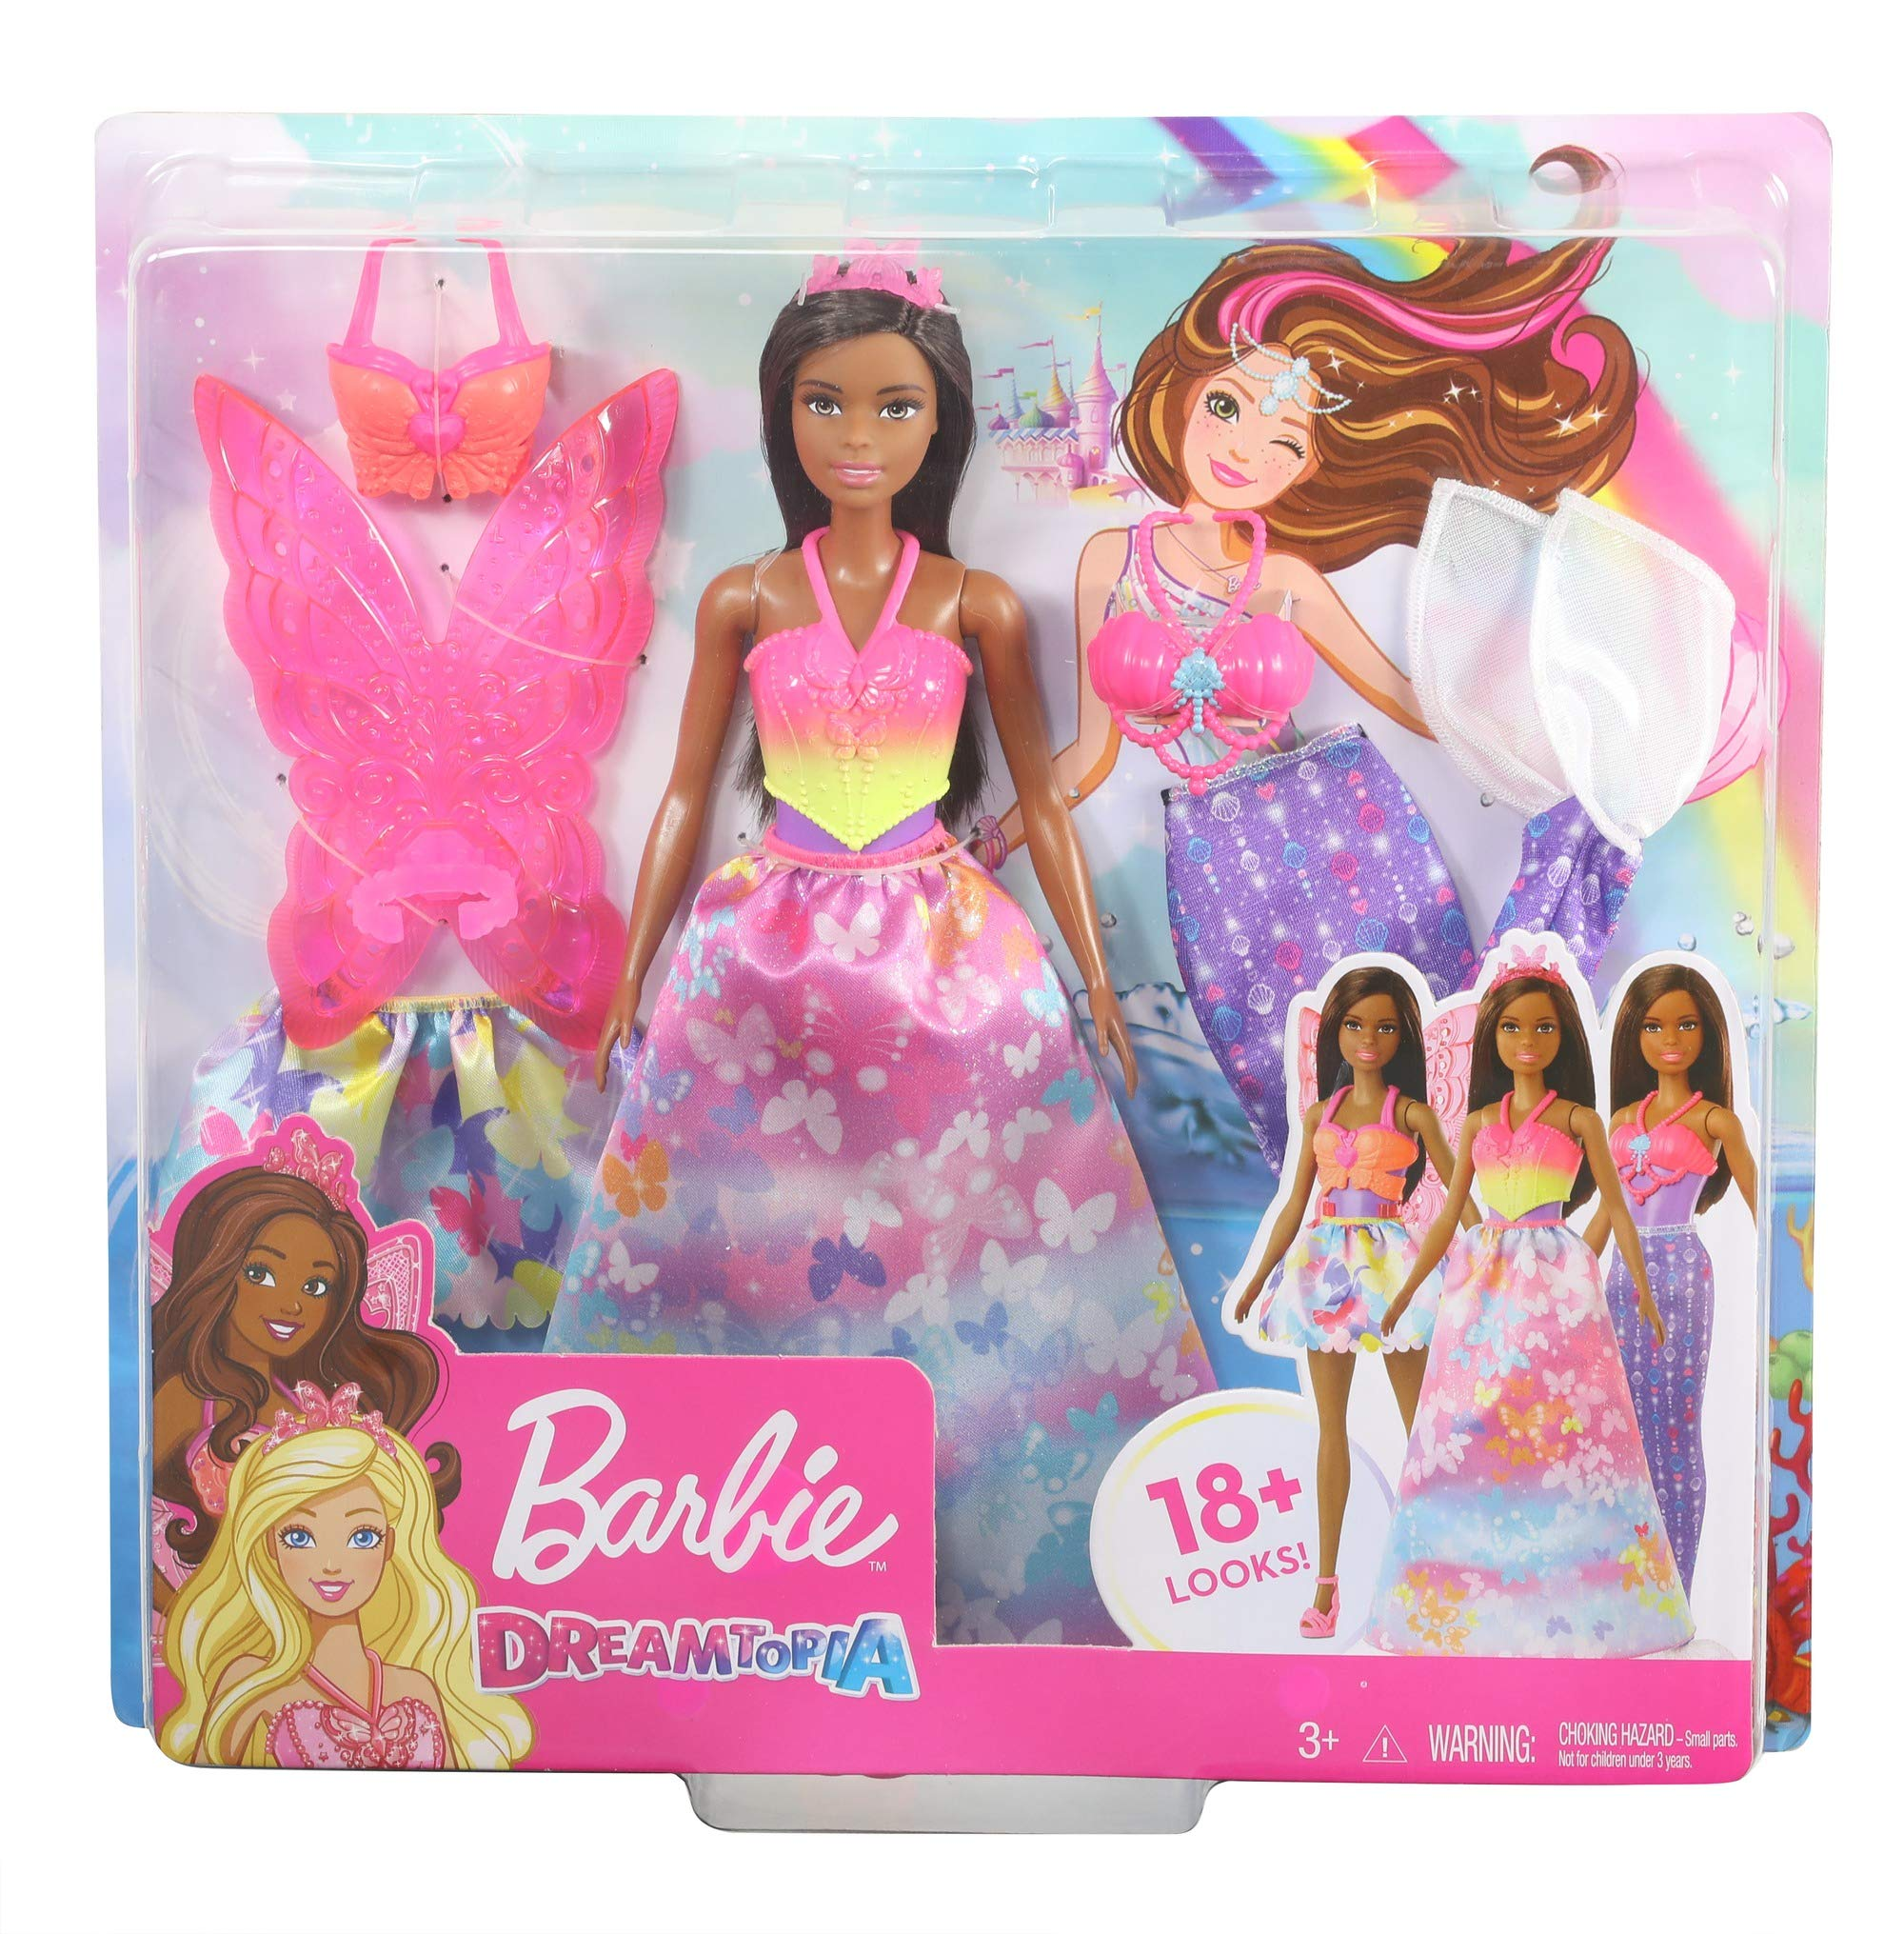 Amazon.es: Barbie - Dreamtopia Pack de Regalo 2 Sets de Ropa y Accesorios (Mattel GJK41), color/modelo surtido ...